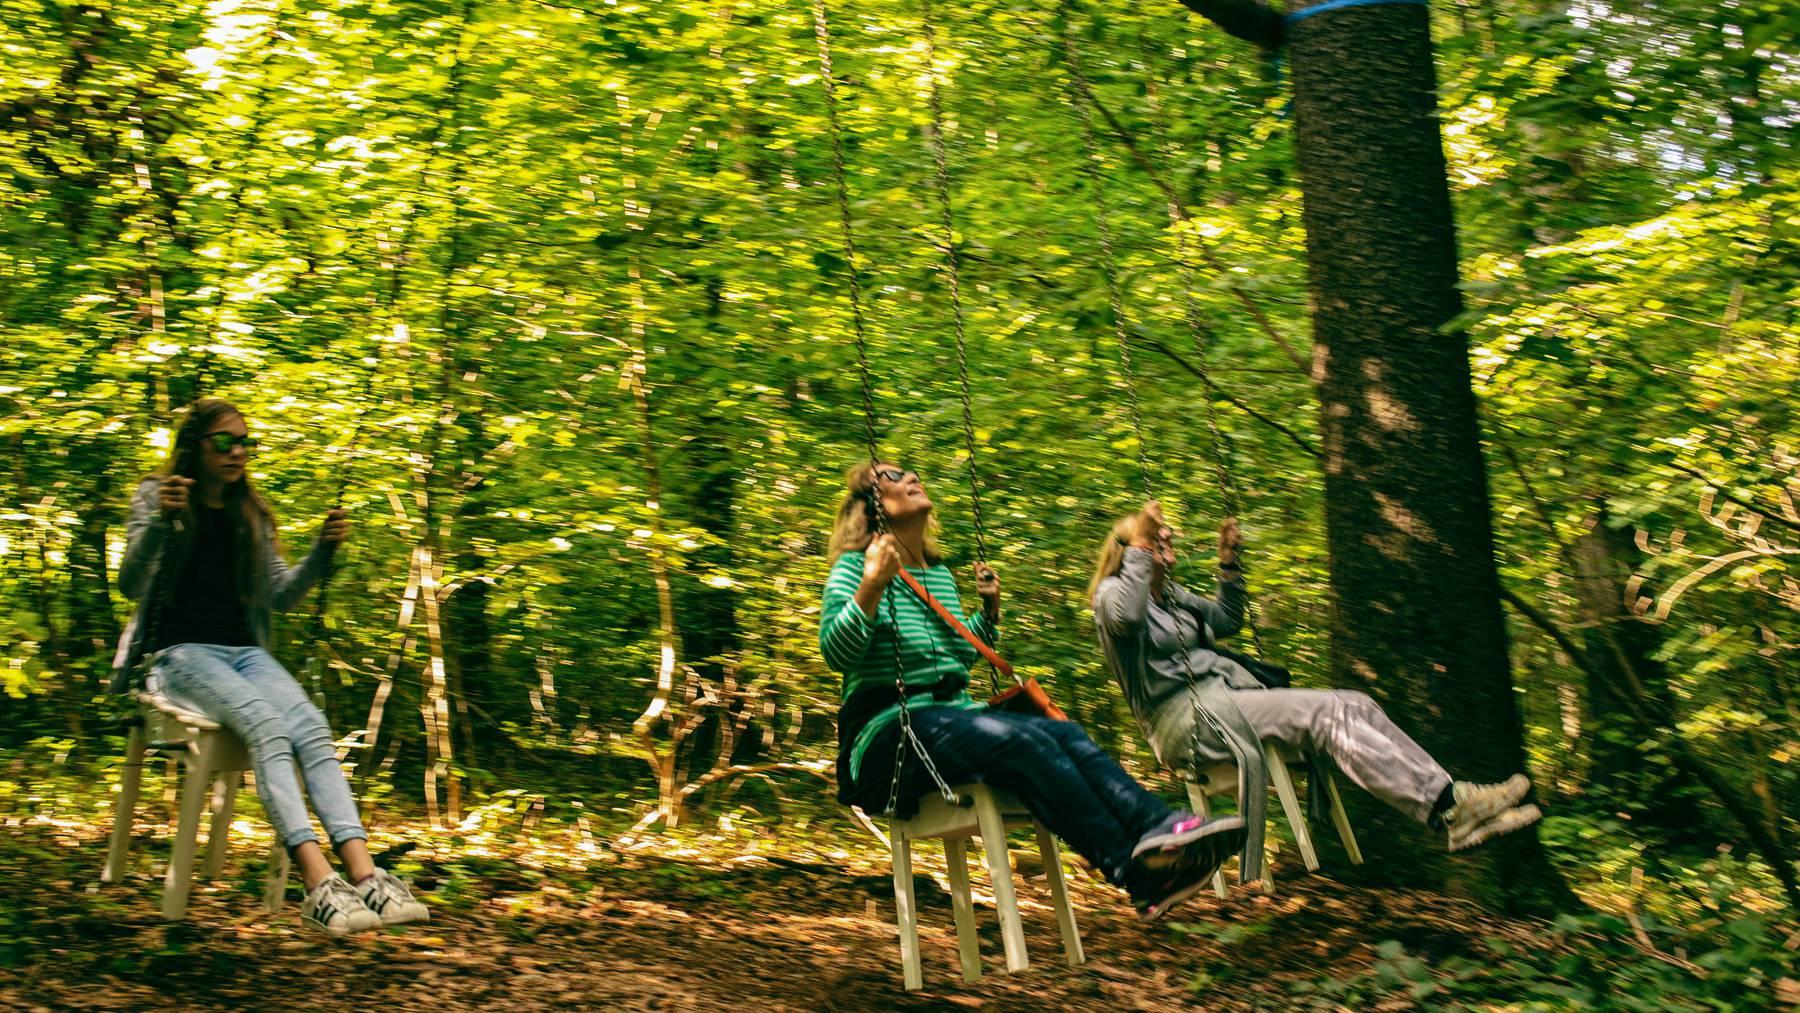 Die Kulturstiftung bietet ein Naturerlebnis für alle Sinne. - Spannender Artikel im Oltner Tagblatt.